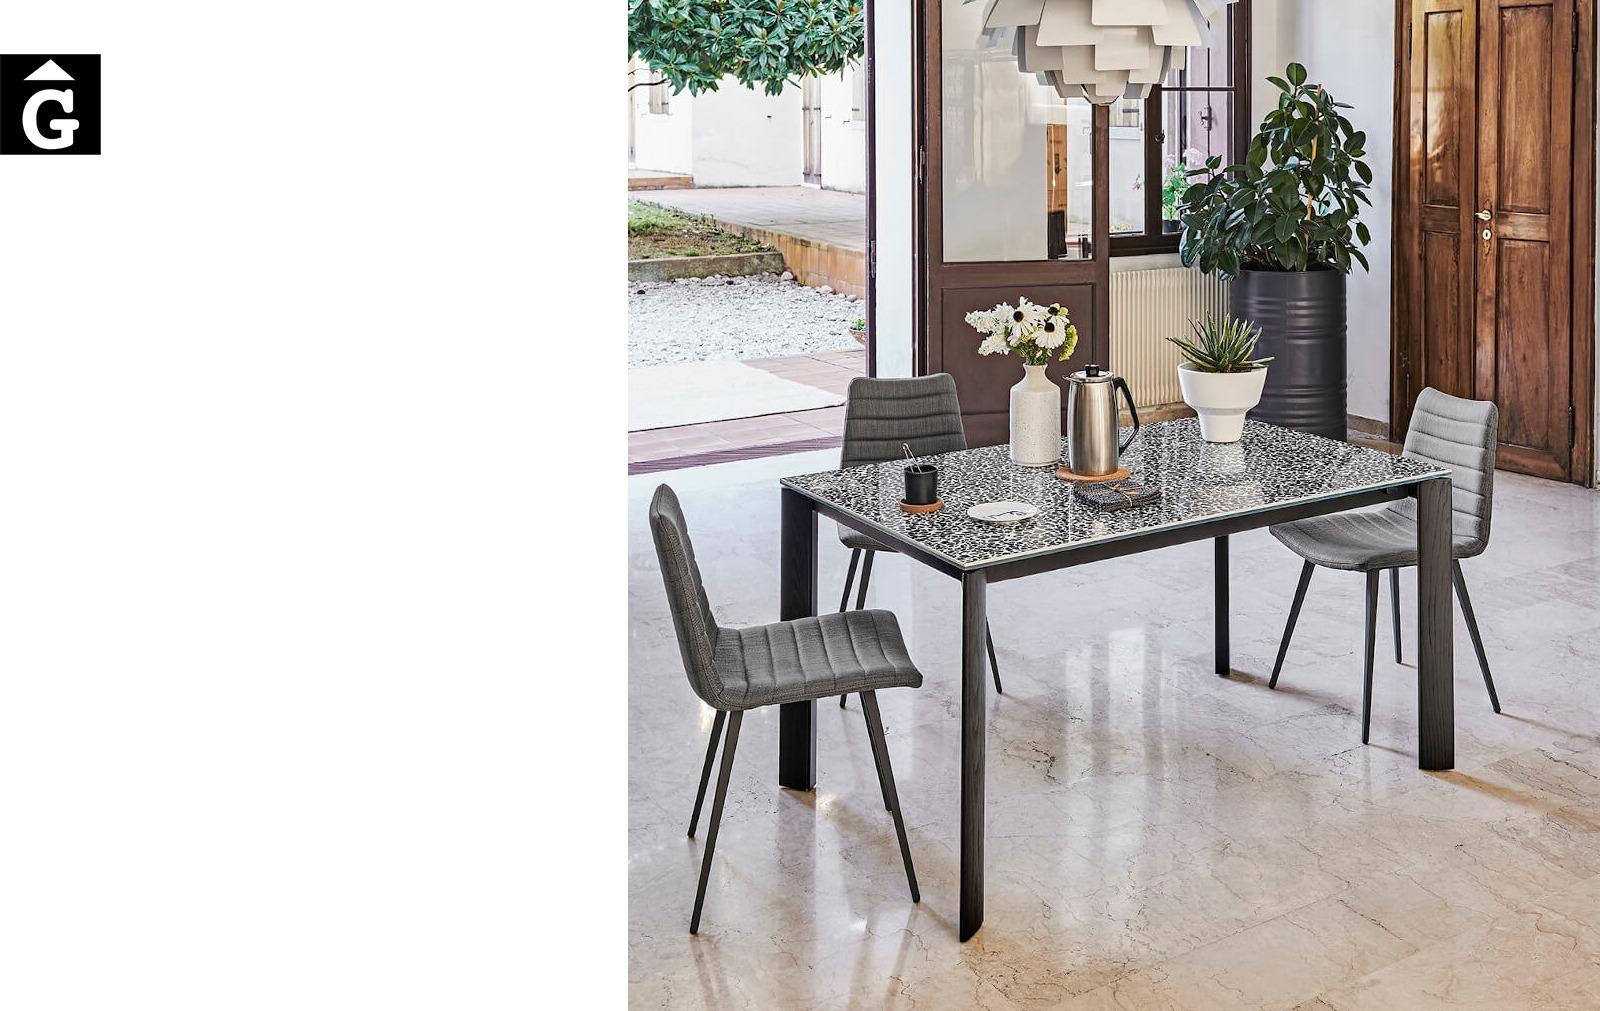 Taula gran molt extensible Blade | Taula ideal per cuina i menjador | MIDJ |Taules i cadires de disseny actual | modern i conservador| casual i elegant | mobles Gifreu | Productes de qualitat